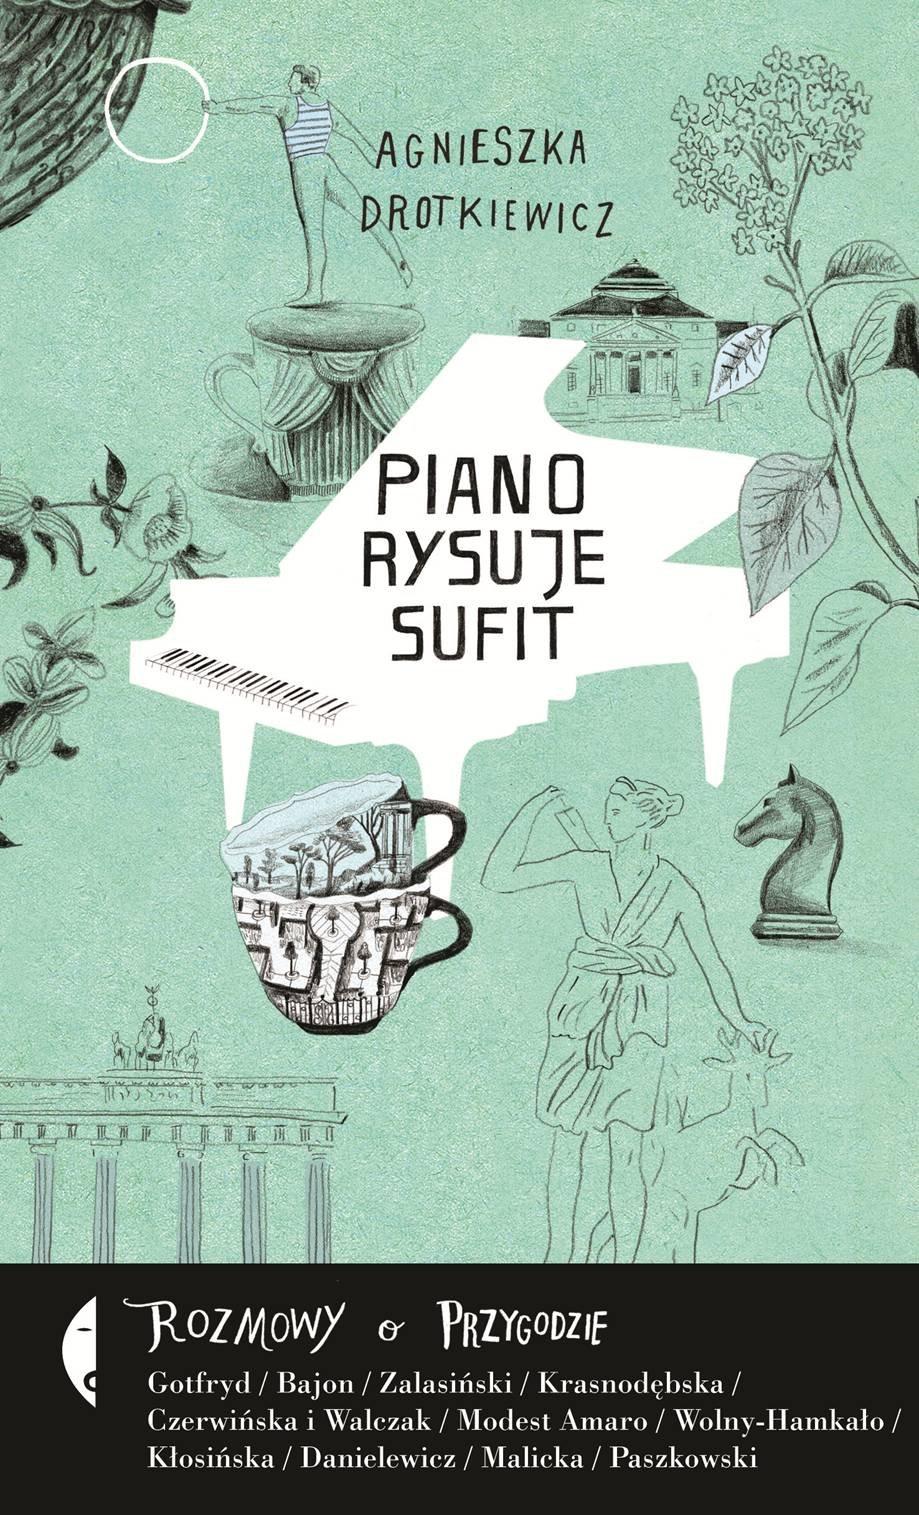 Piano rysuje sufit - Ebook (Książka EPUB) do pobrania w formacie EPUB